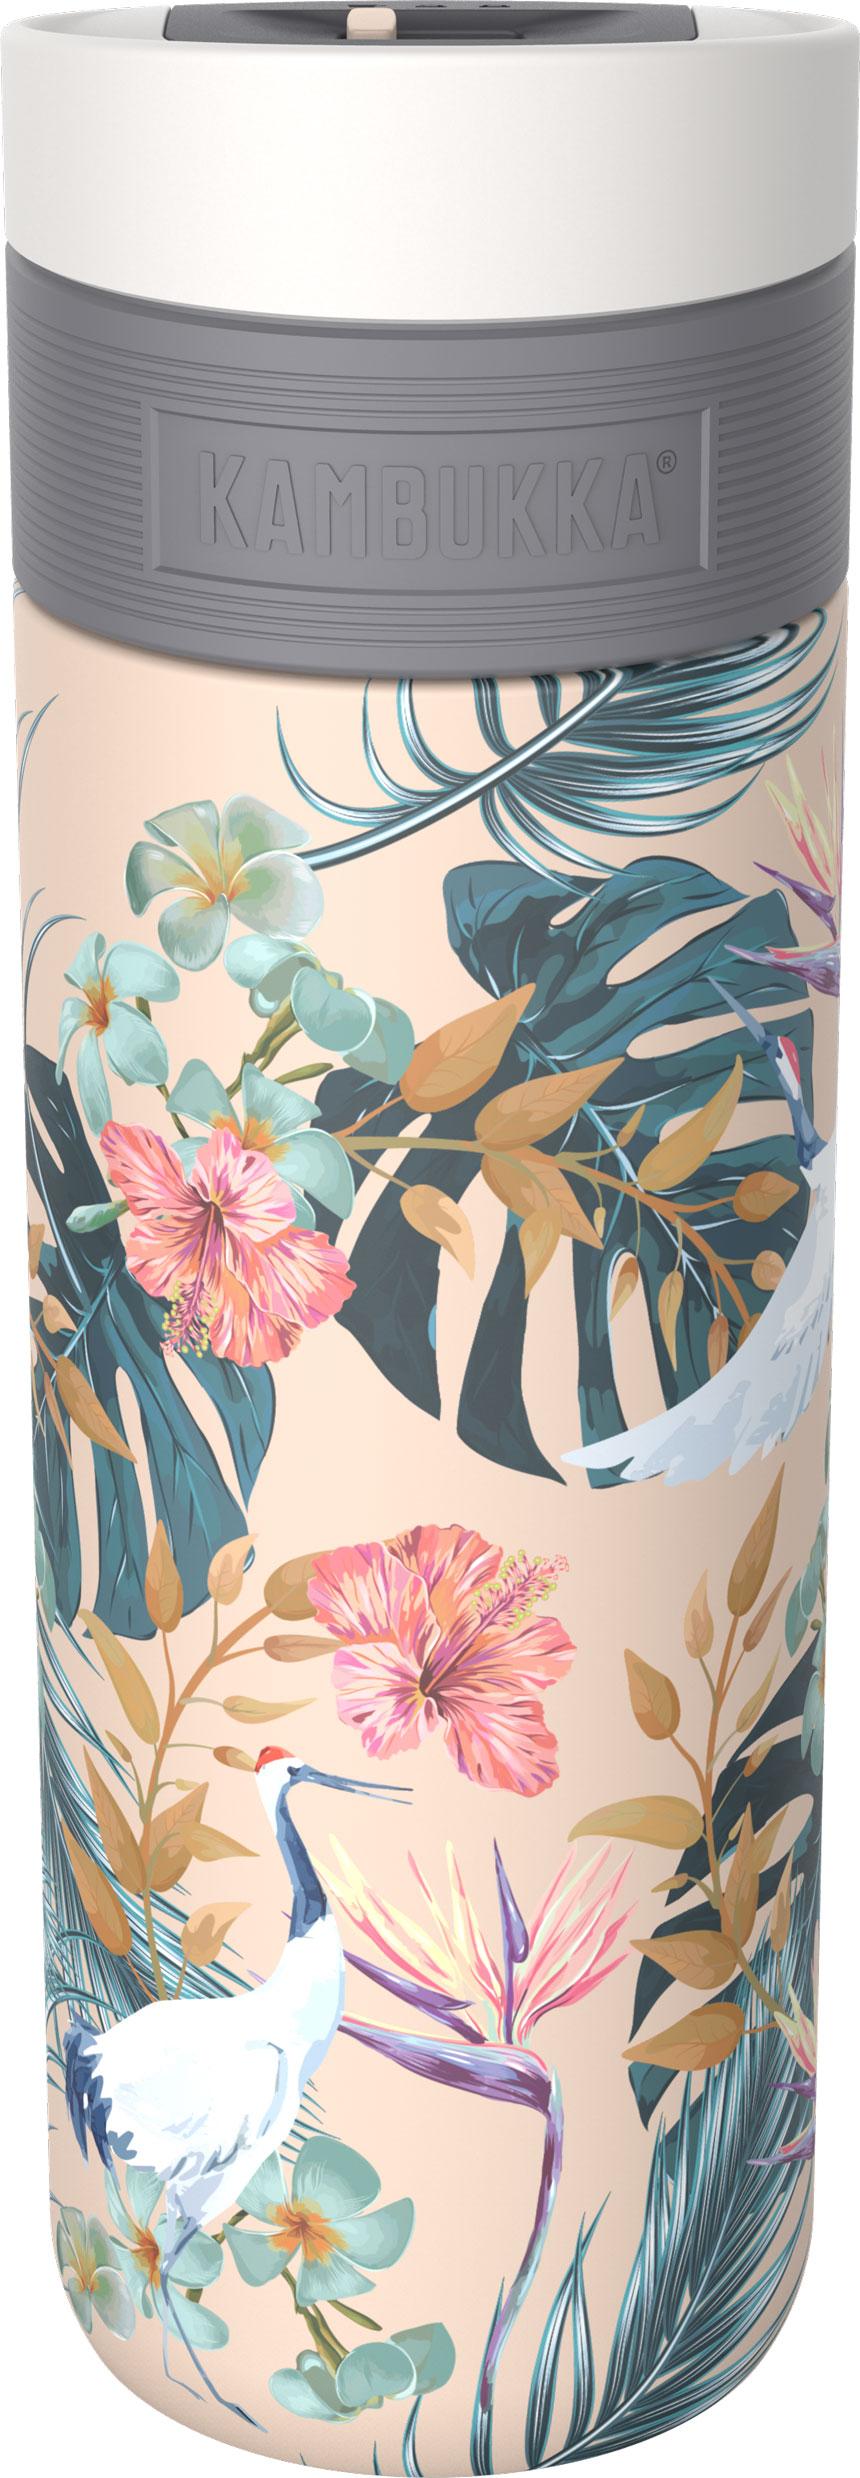 בקבוק שתיה תרמי פרחים 500 מ״ל Kambukka Etna Paradise Flower